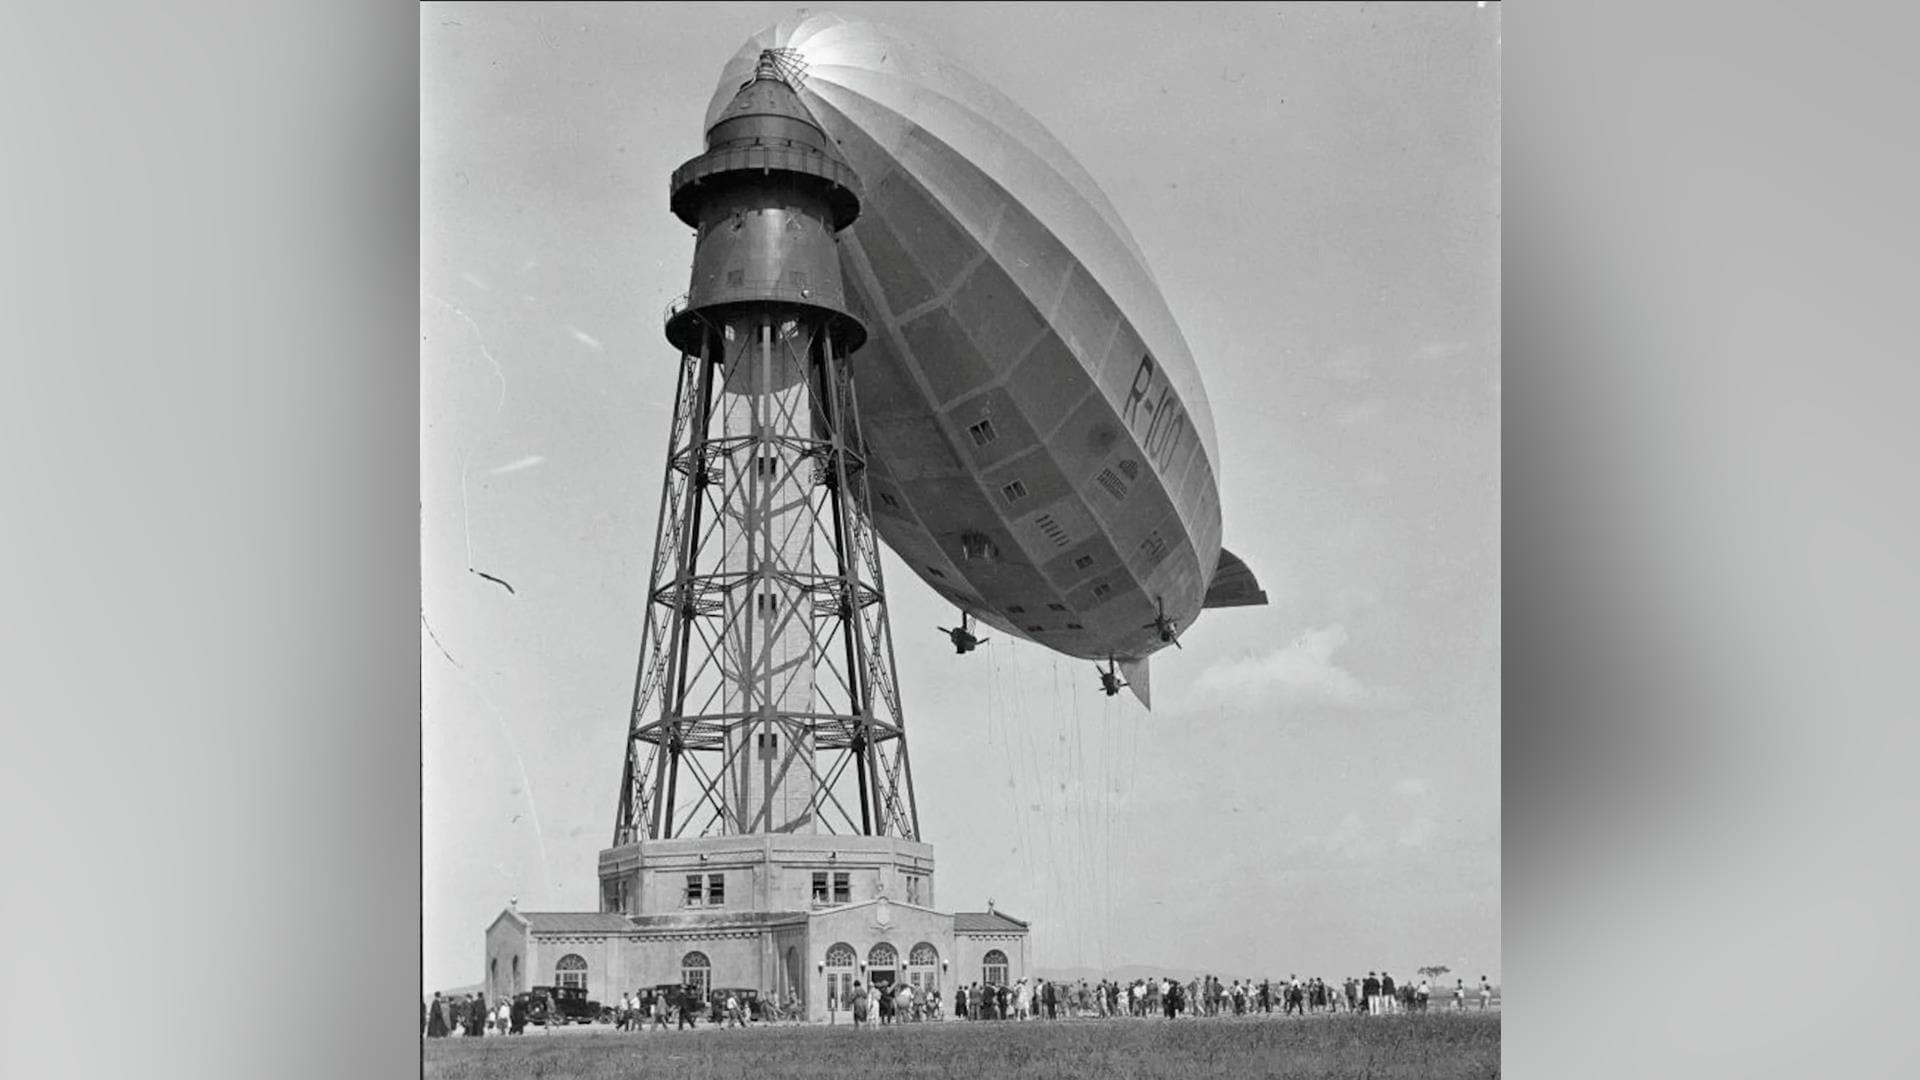 Une foule s'accumule sous le R-100 alors qu'il flotte sagement attaché à son mât, lors d'une belle journée d'été.